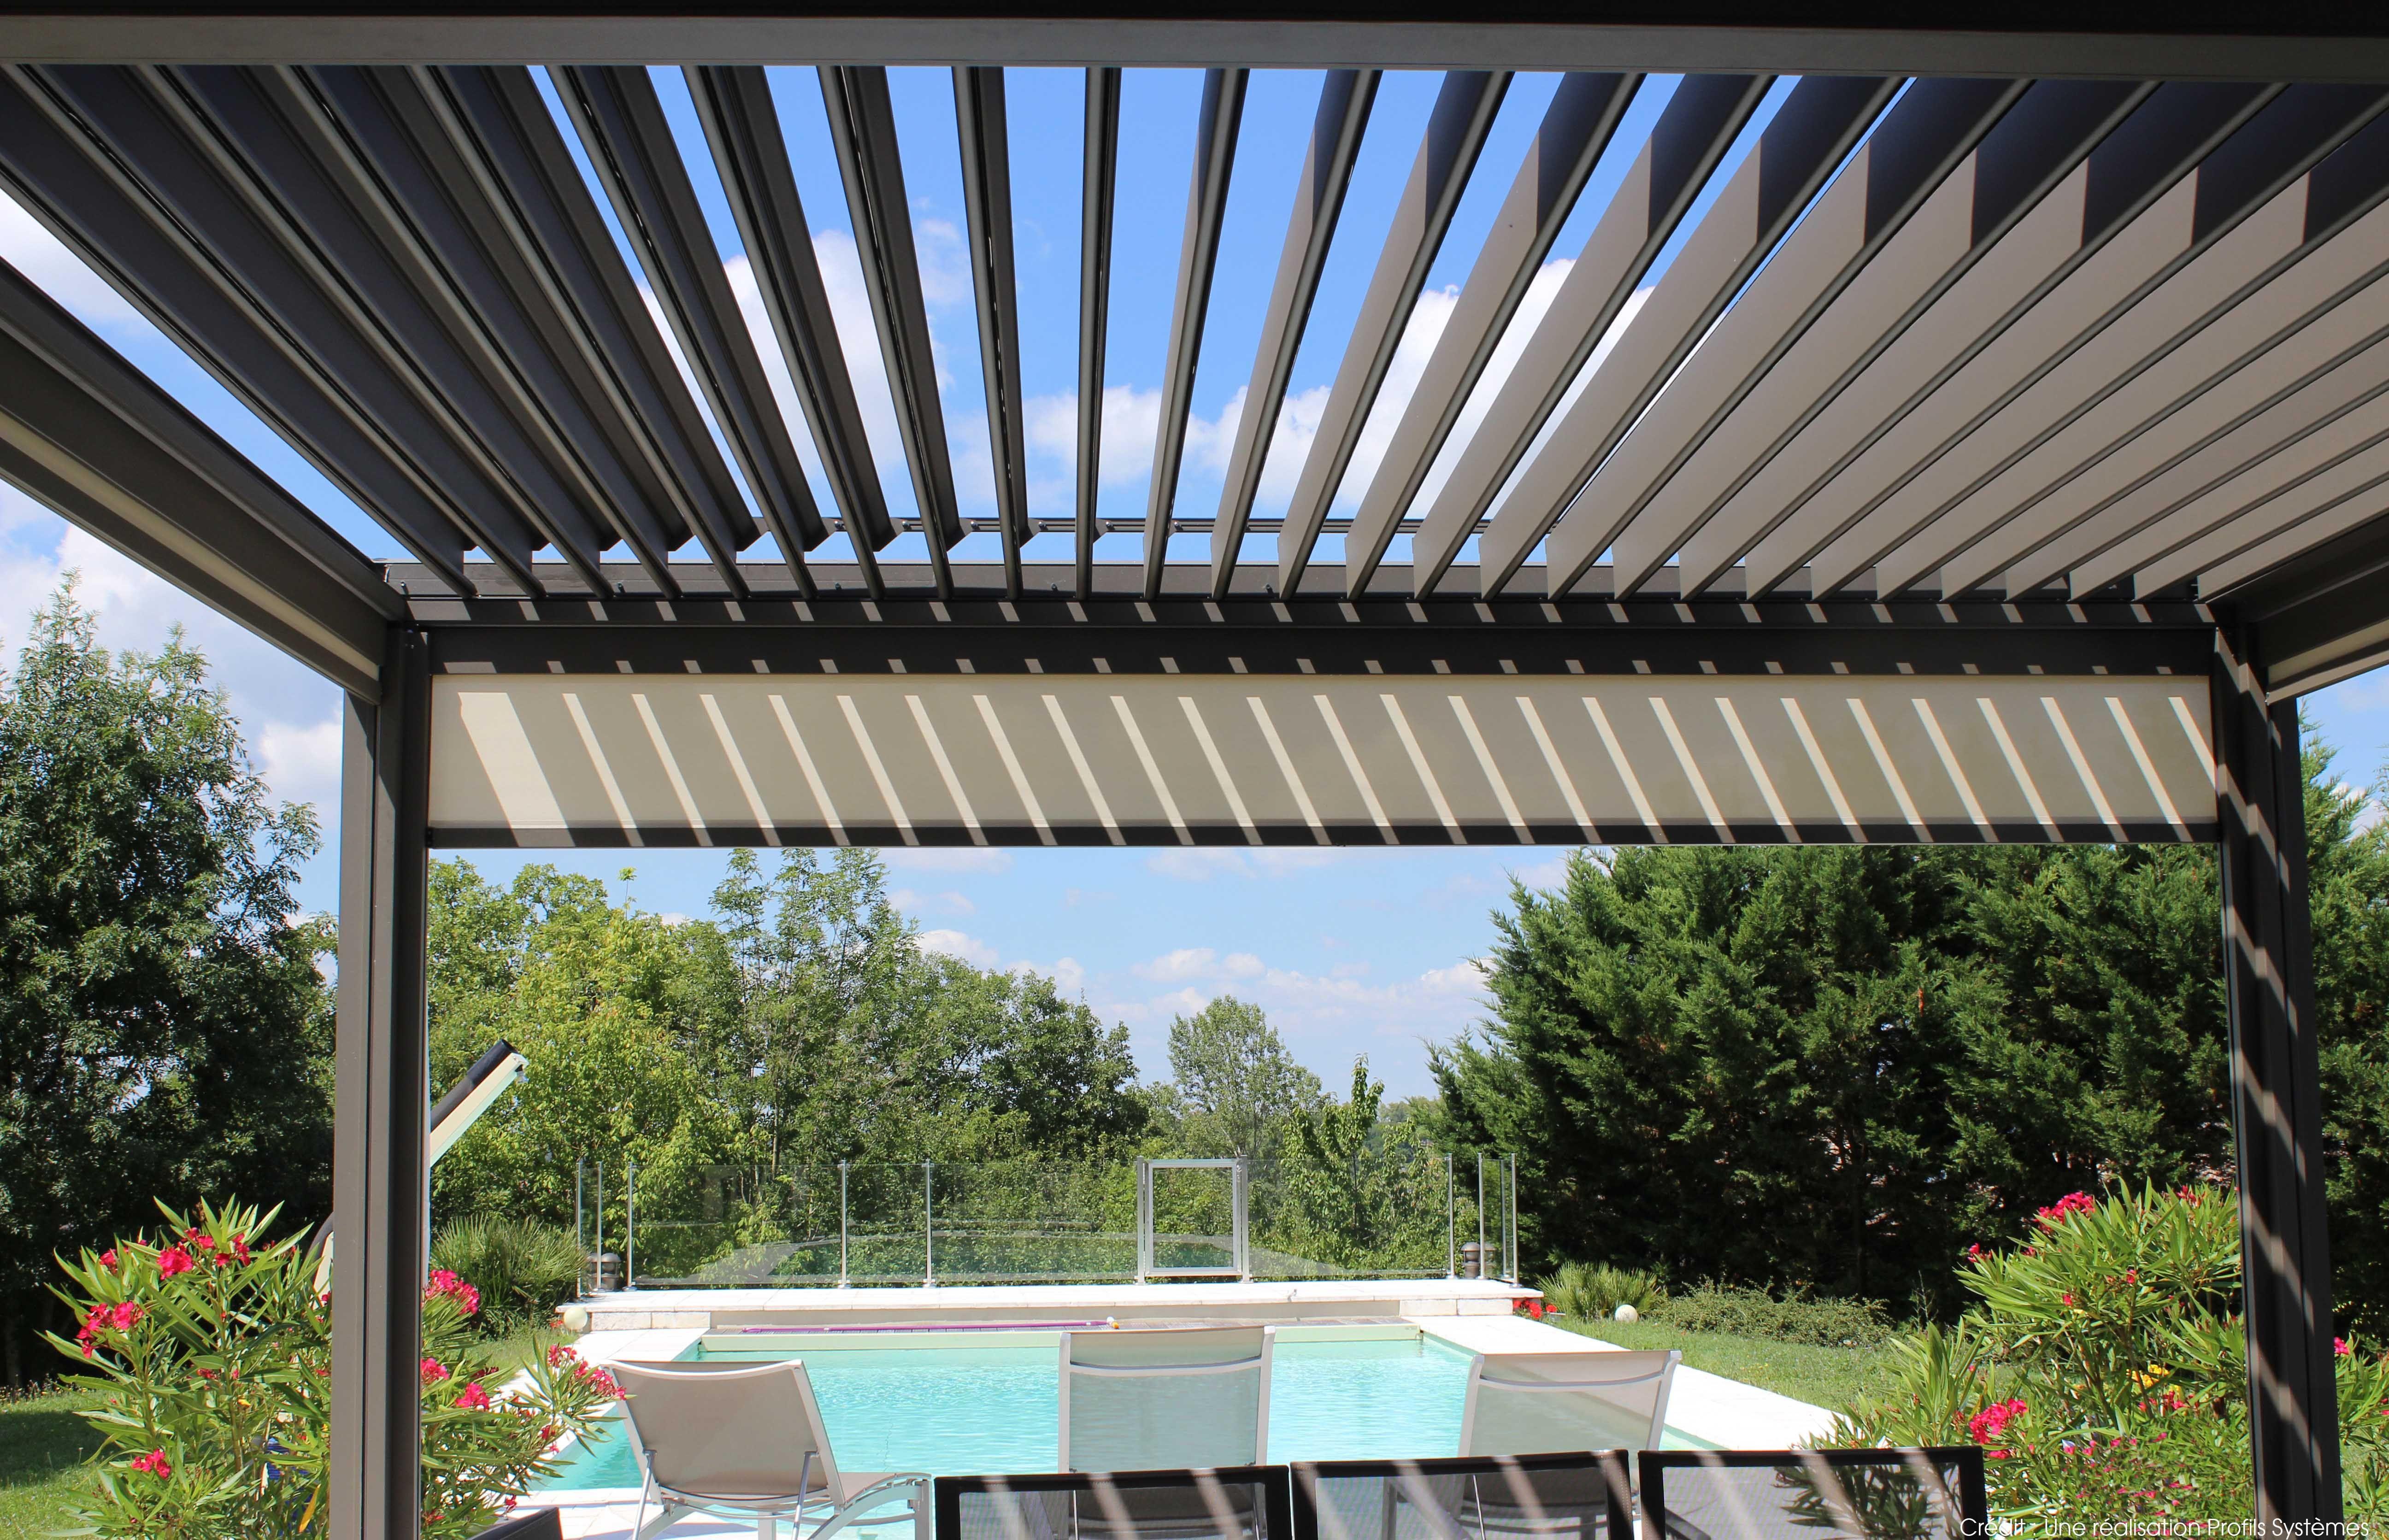 la toiture bioclimatique wallis outdoor by profils syst mes vous prot ge des rayons de soleil. Black Bedroom Furniture Sets. Home Design Ideas